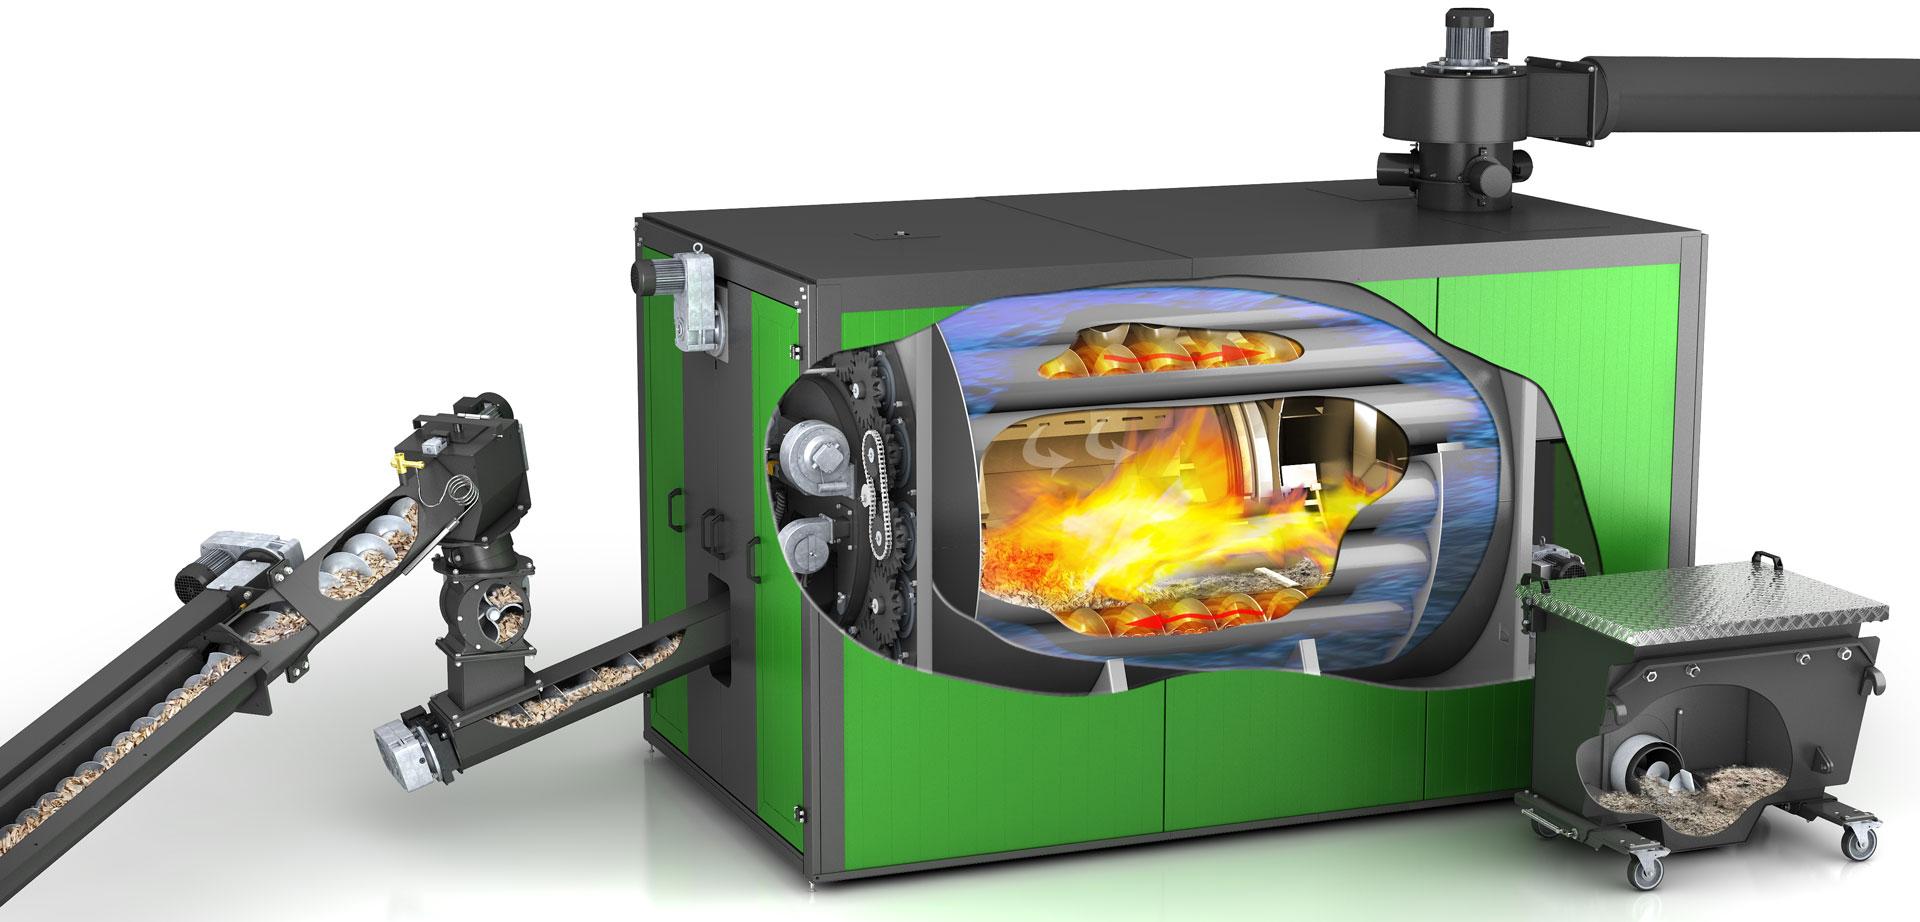 Technischer Aufbau einer Biomasseheizung von Heizomat